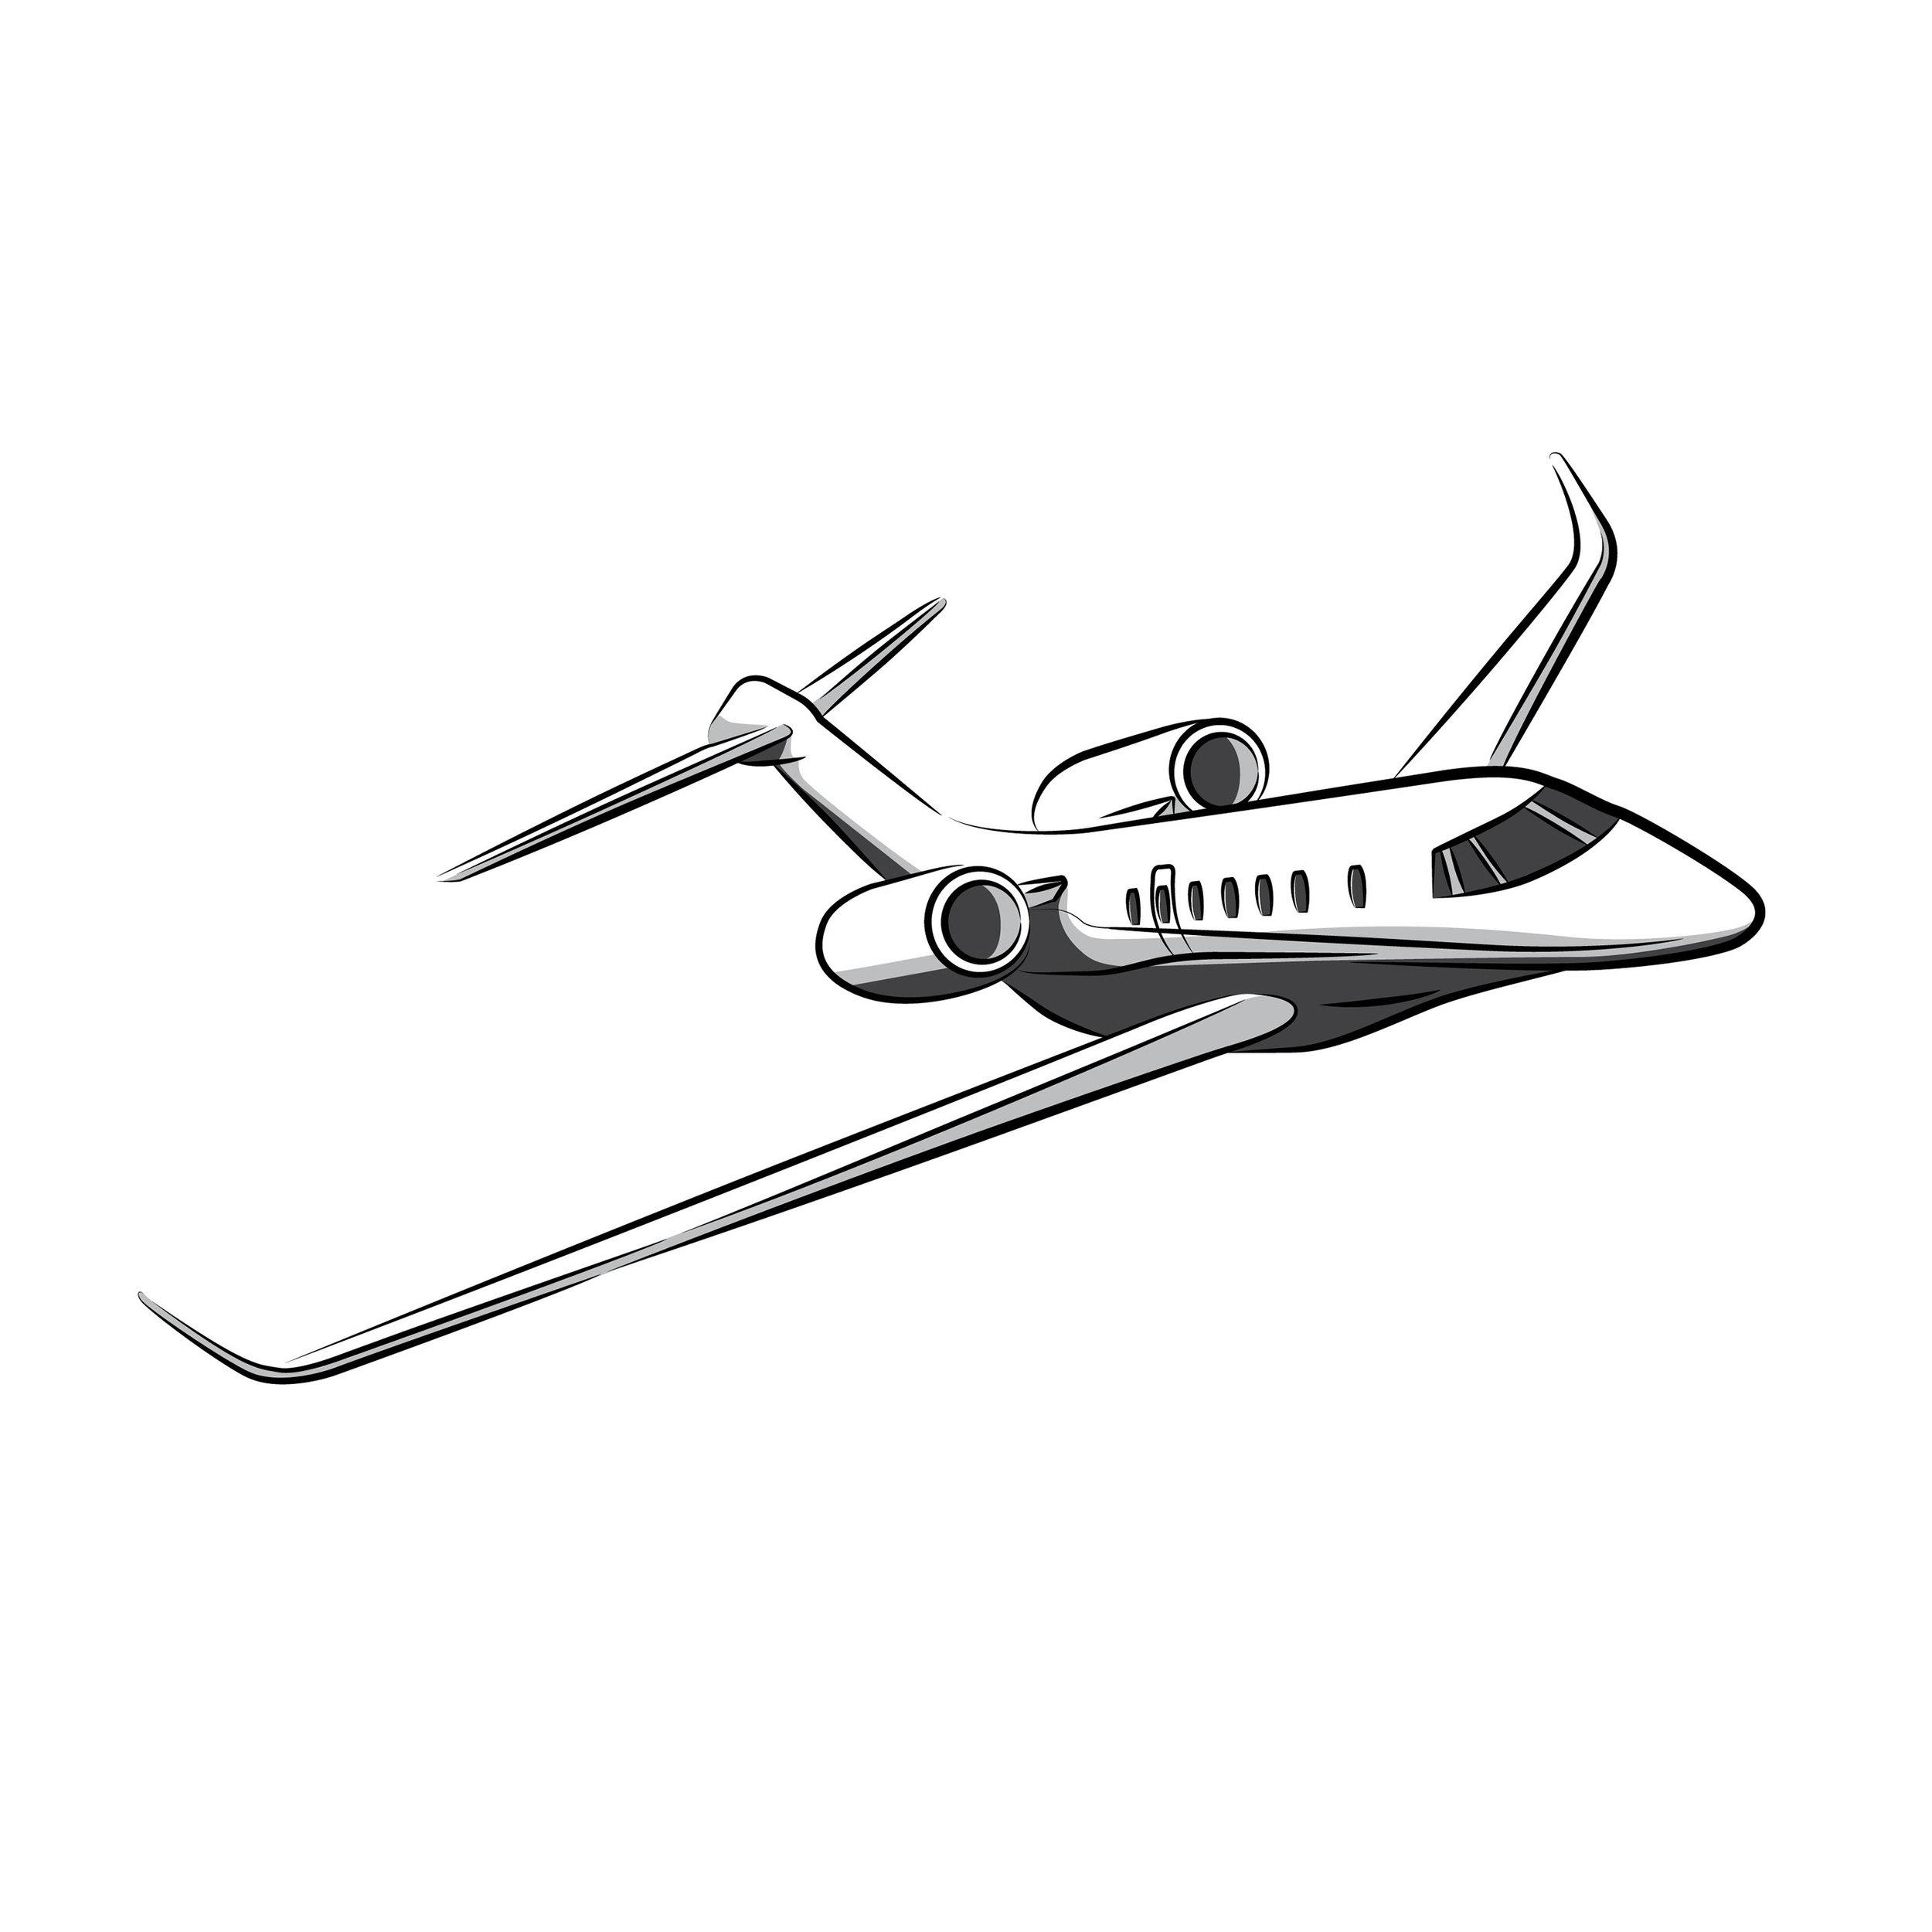 4.Flying_Plane.jpg